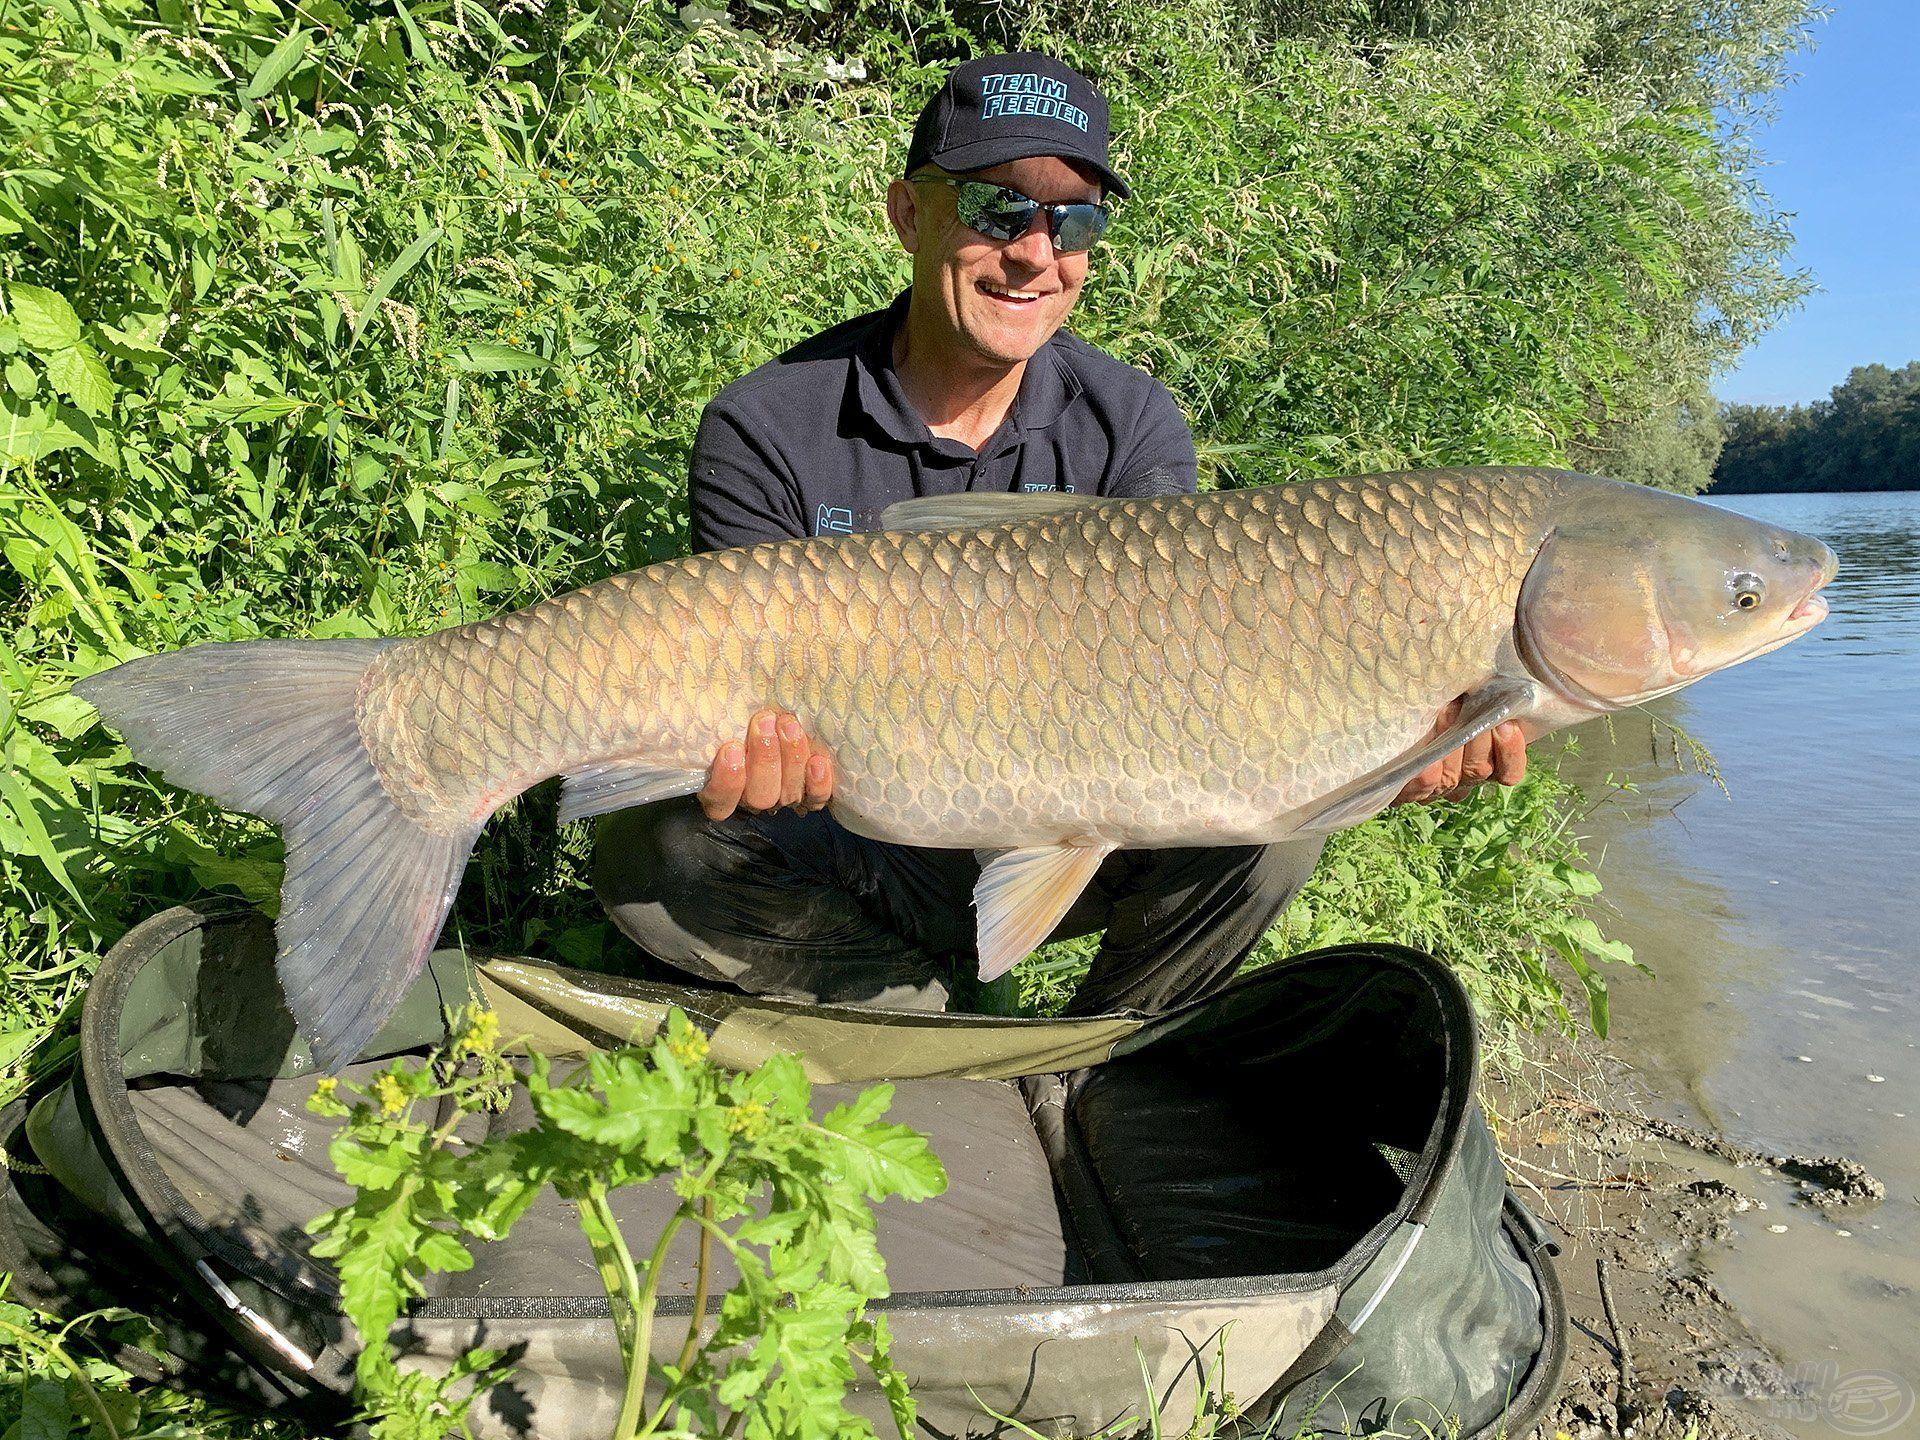 A nagy halak céltudatos horgászata nagyhalas felszerelést igényel!